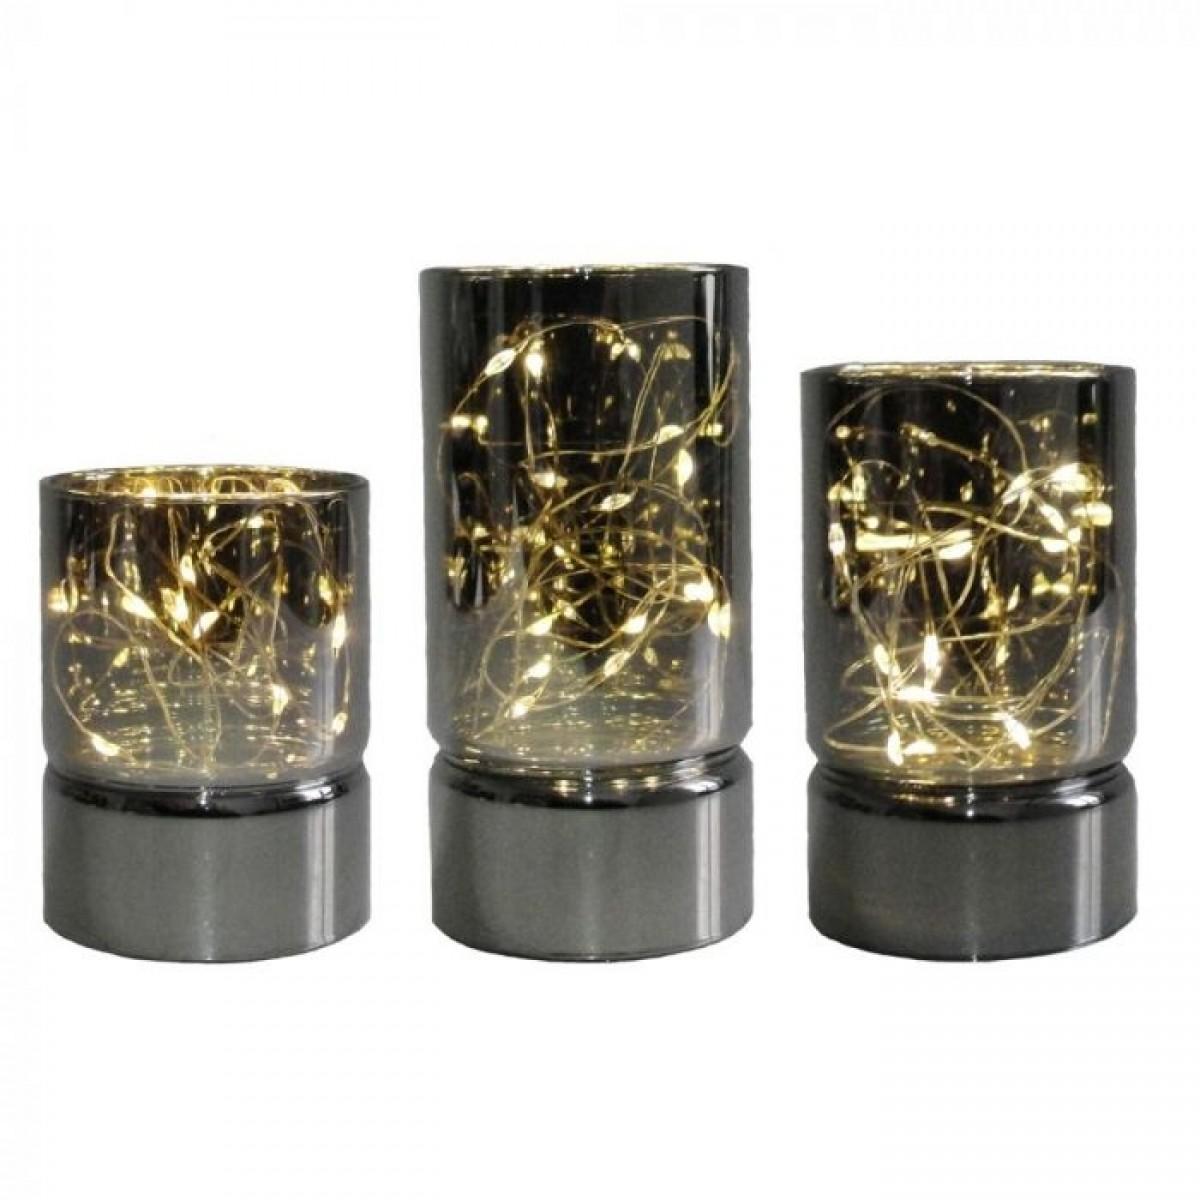 CONZEPT Glascylinder 3 stk ø6 cm